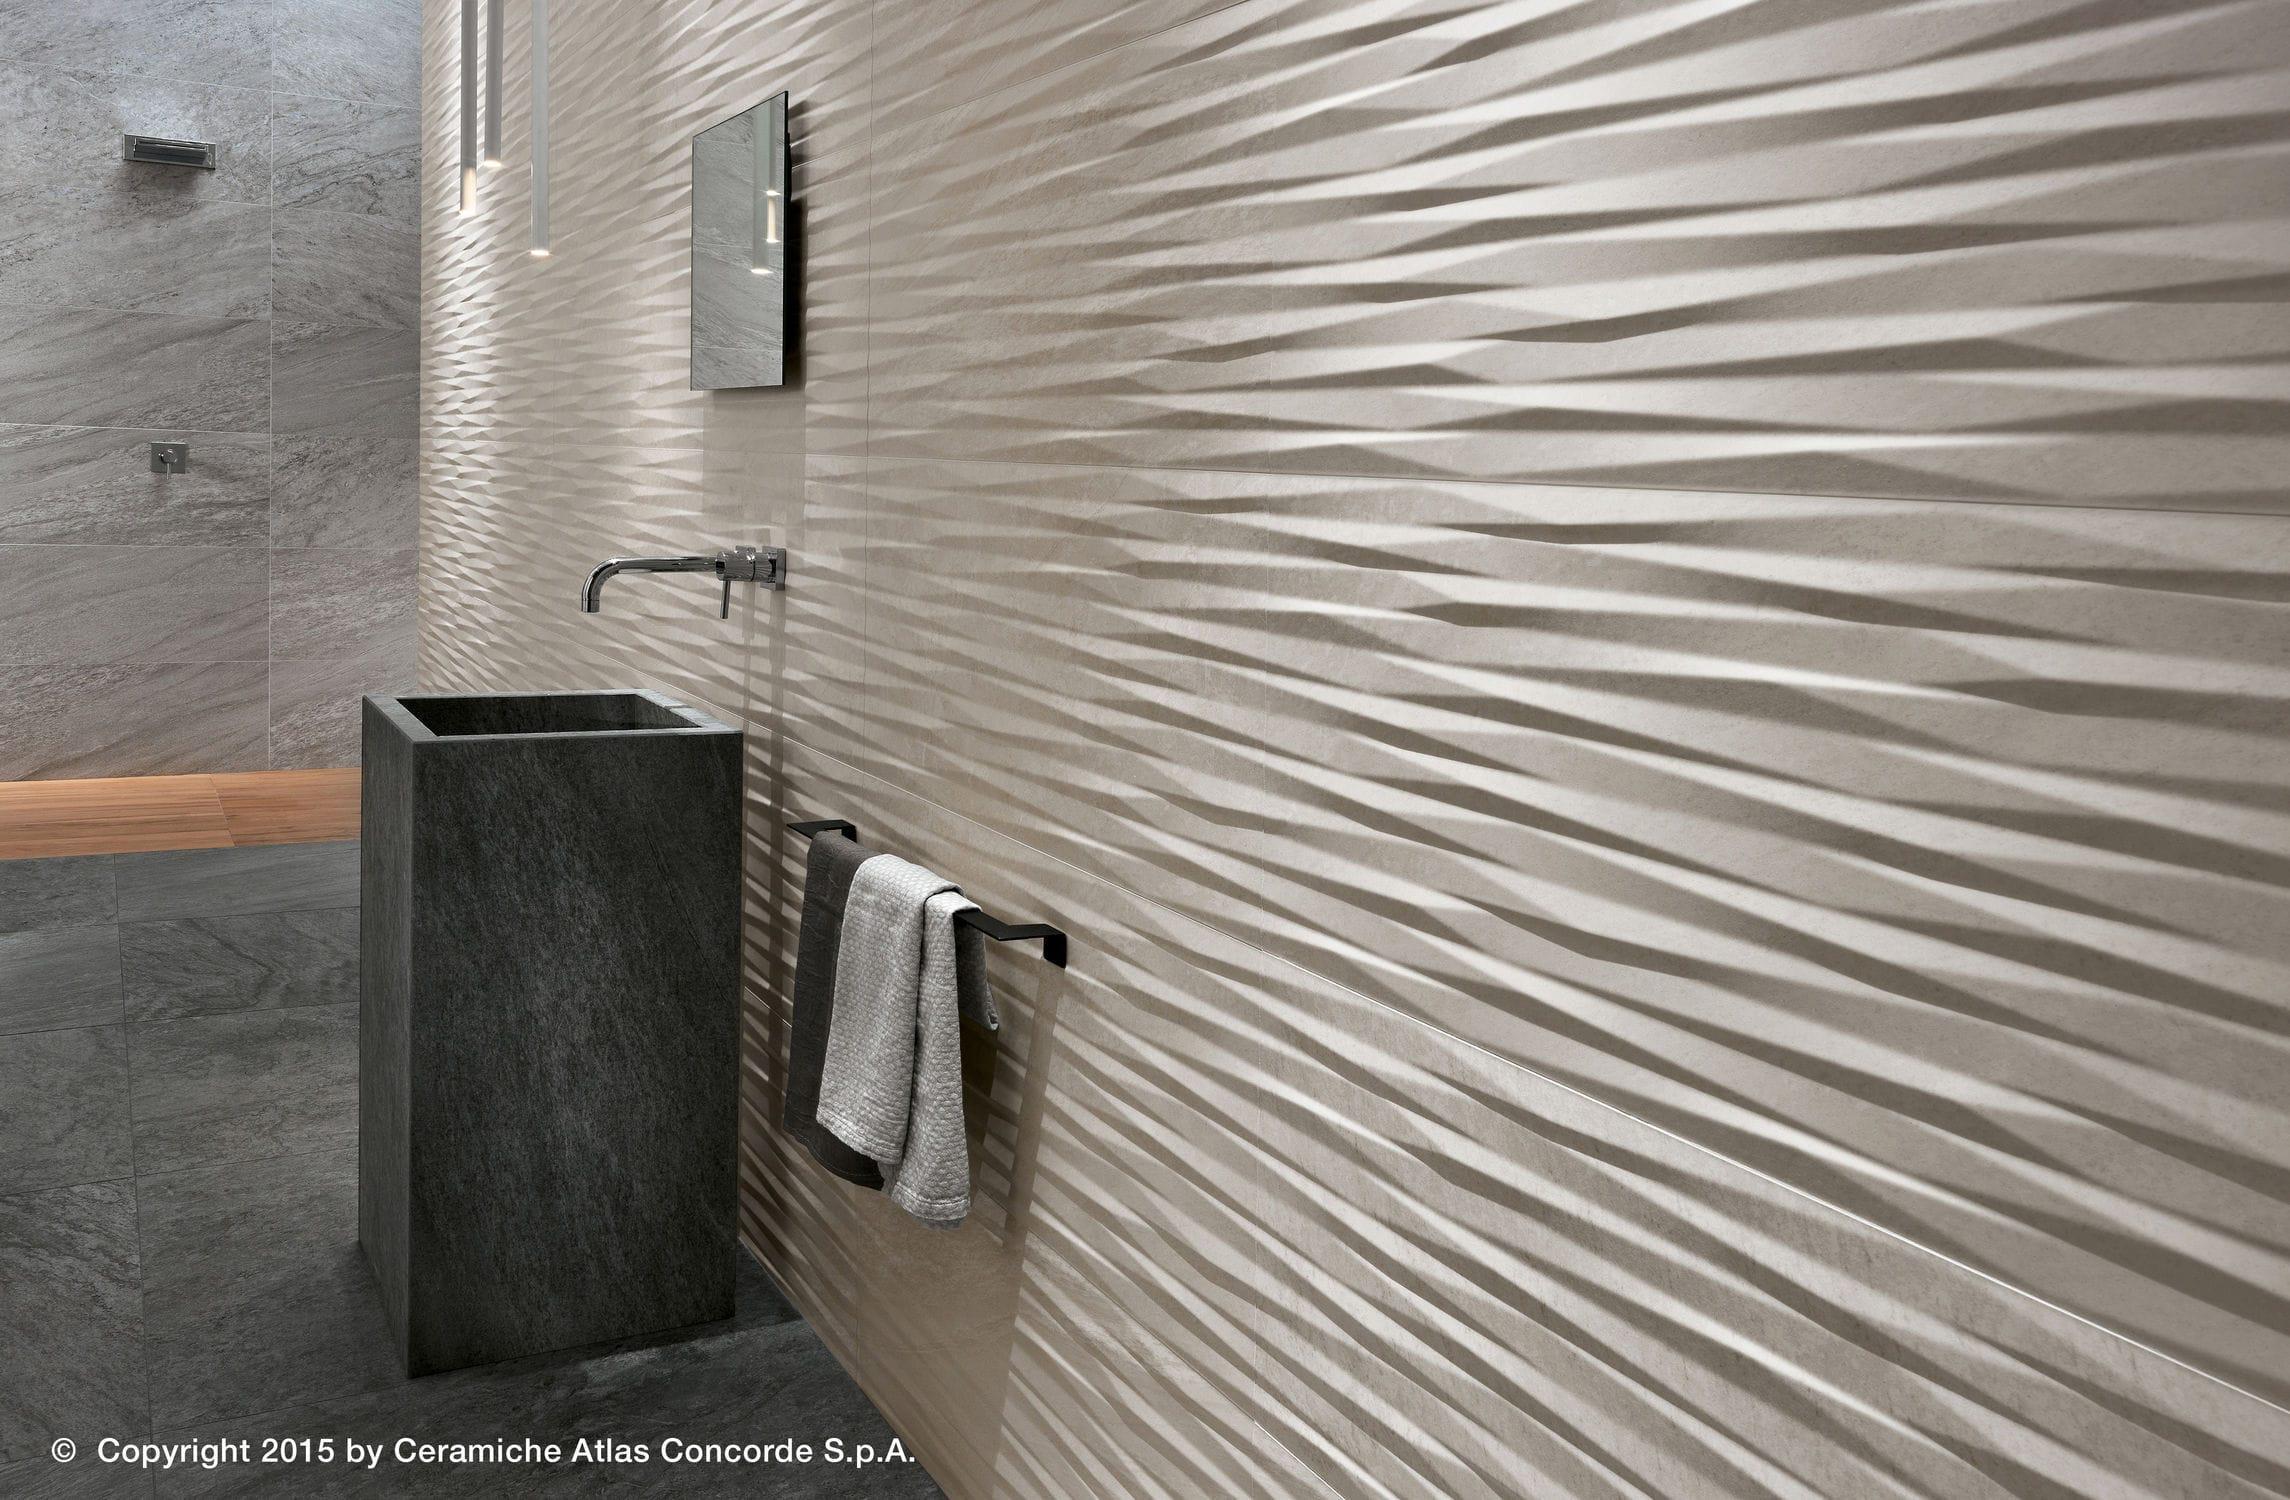 Forum arredamento.it u2022rivestire le pareti con gres marmo calacatta